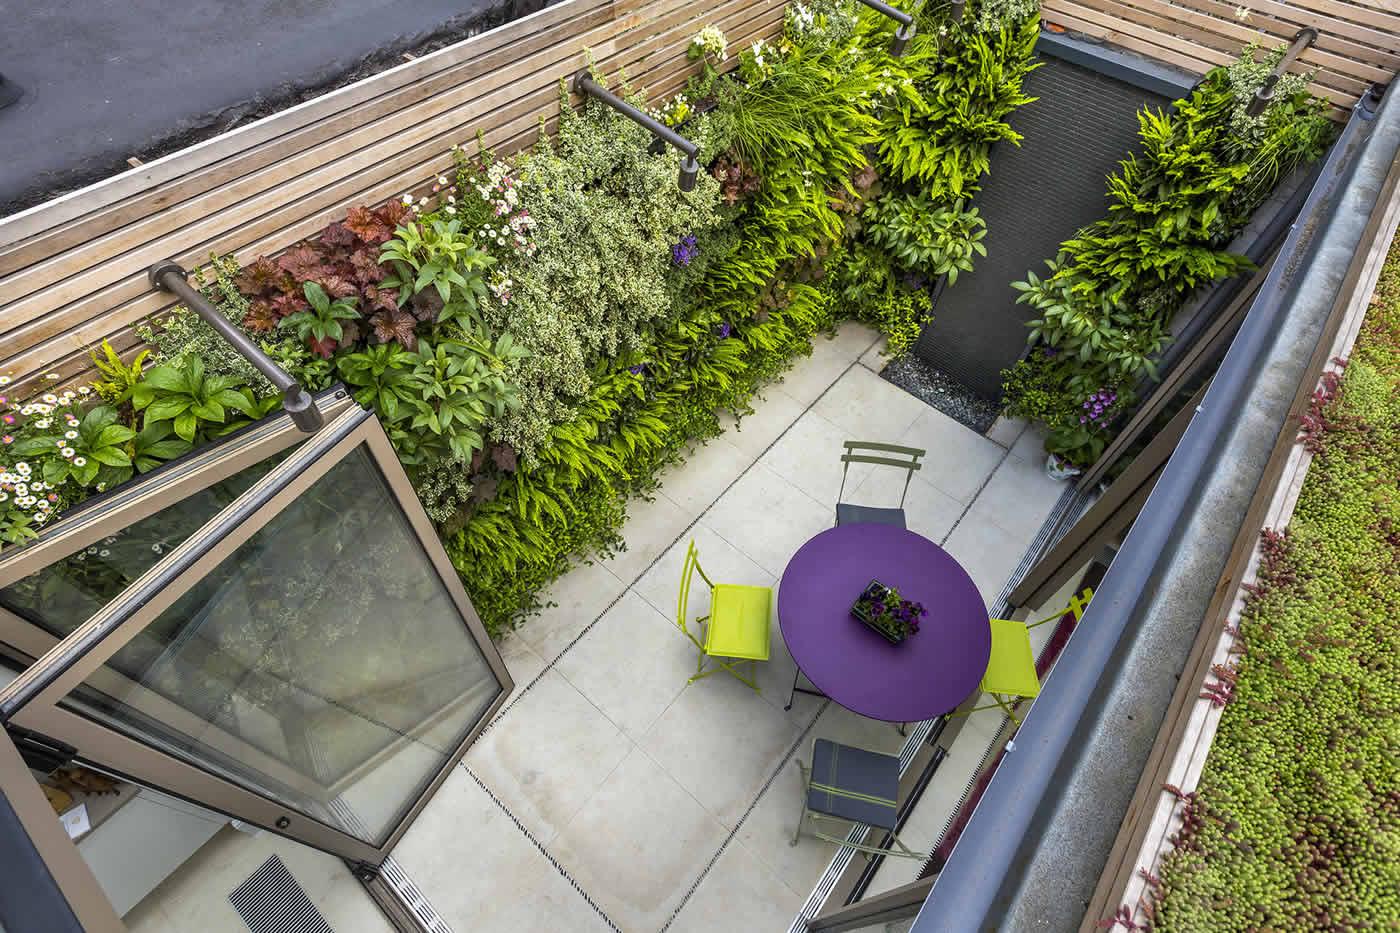 Kensington courtyard garden design living green walls for Small courtyard garden design pictures